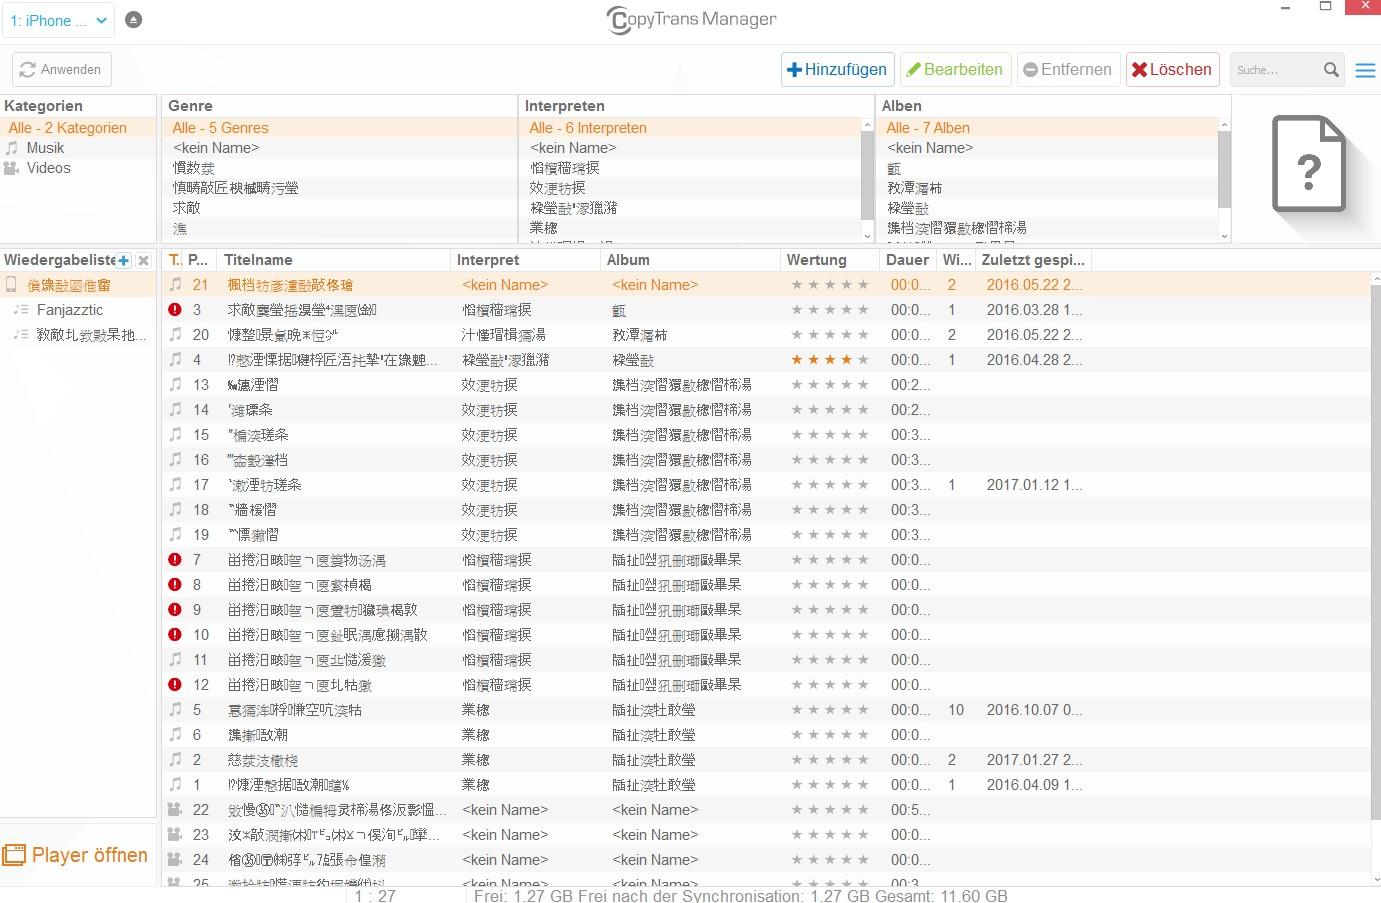 CopyTransManager zeigt Mediathek auf Chinesisch